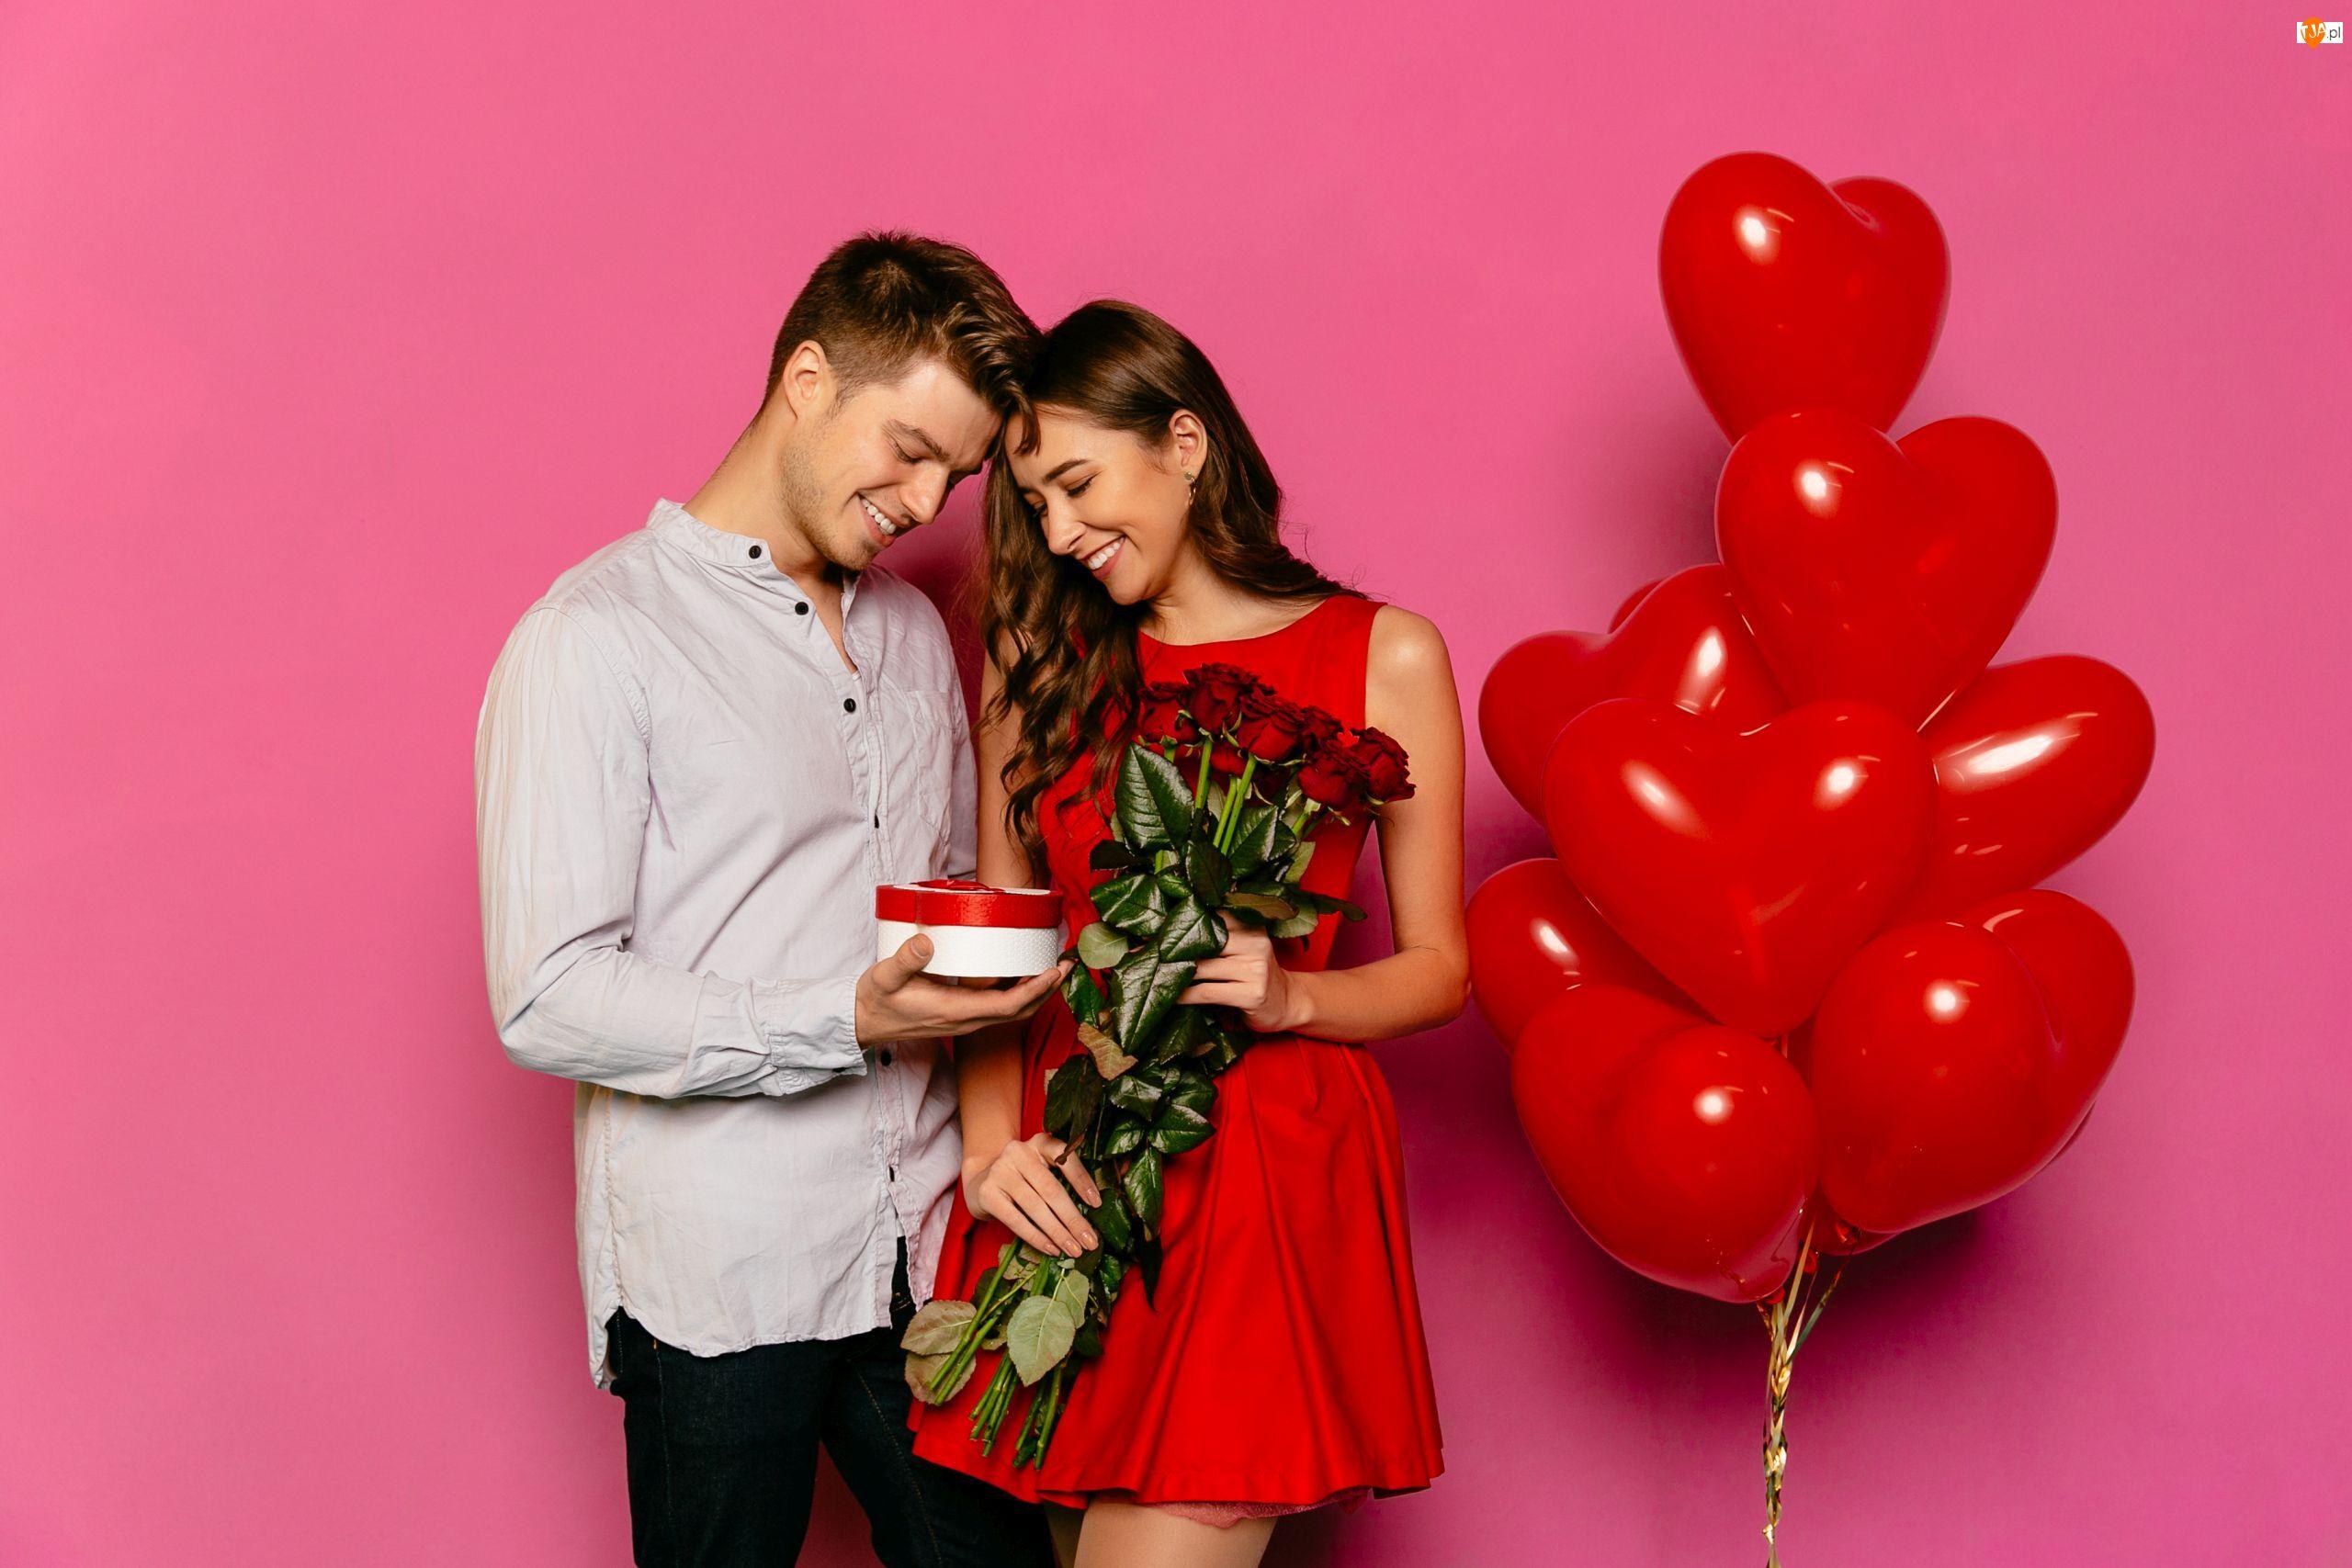 Czerwone, Mężczyzna, Bukiet, Balony, Kobieta, Róż, Walentynki, Prezent